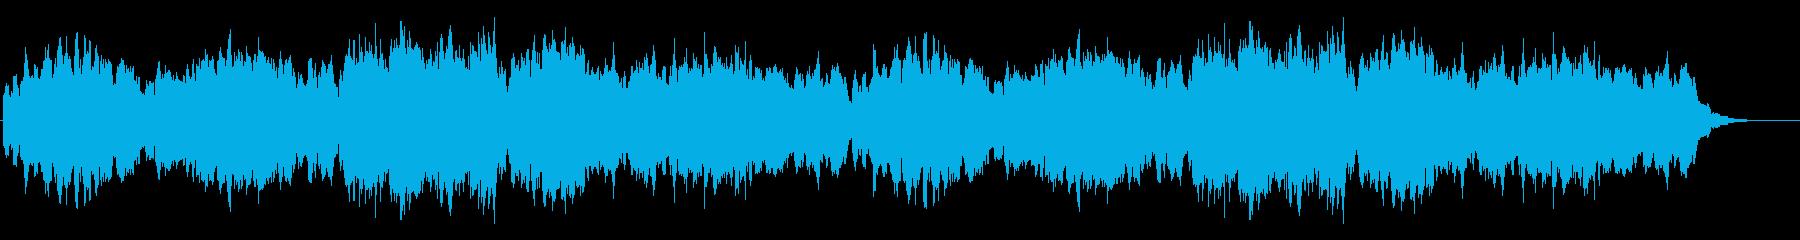 カッコウの森の再生済みの波形